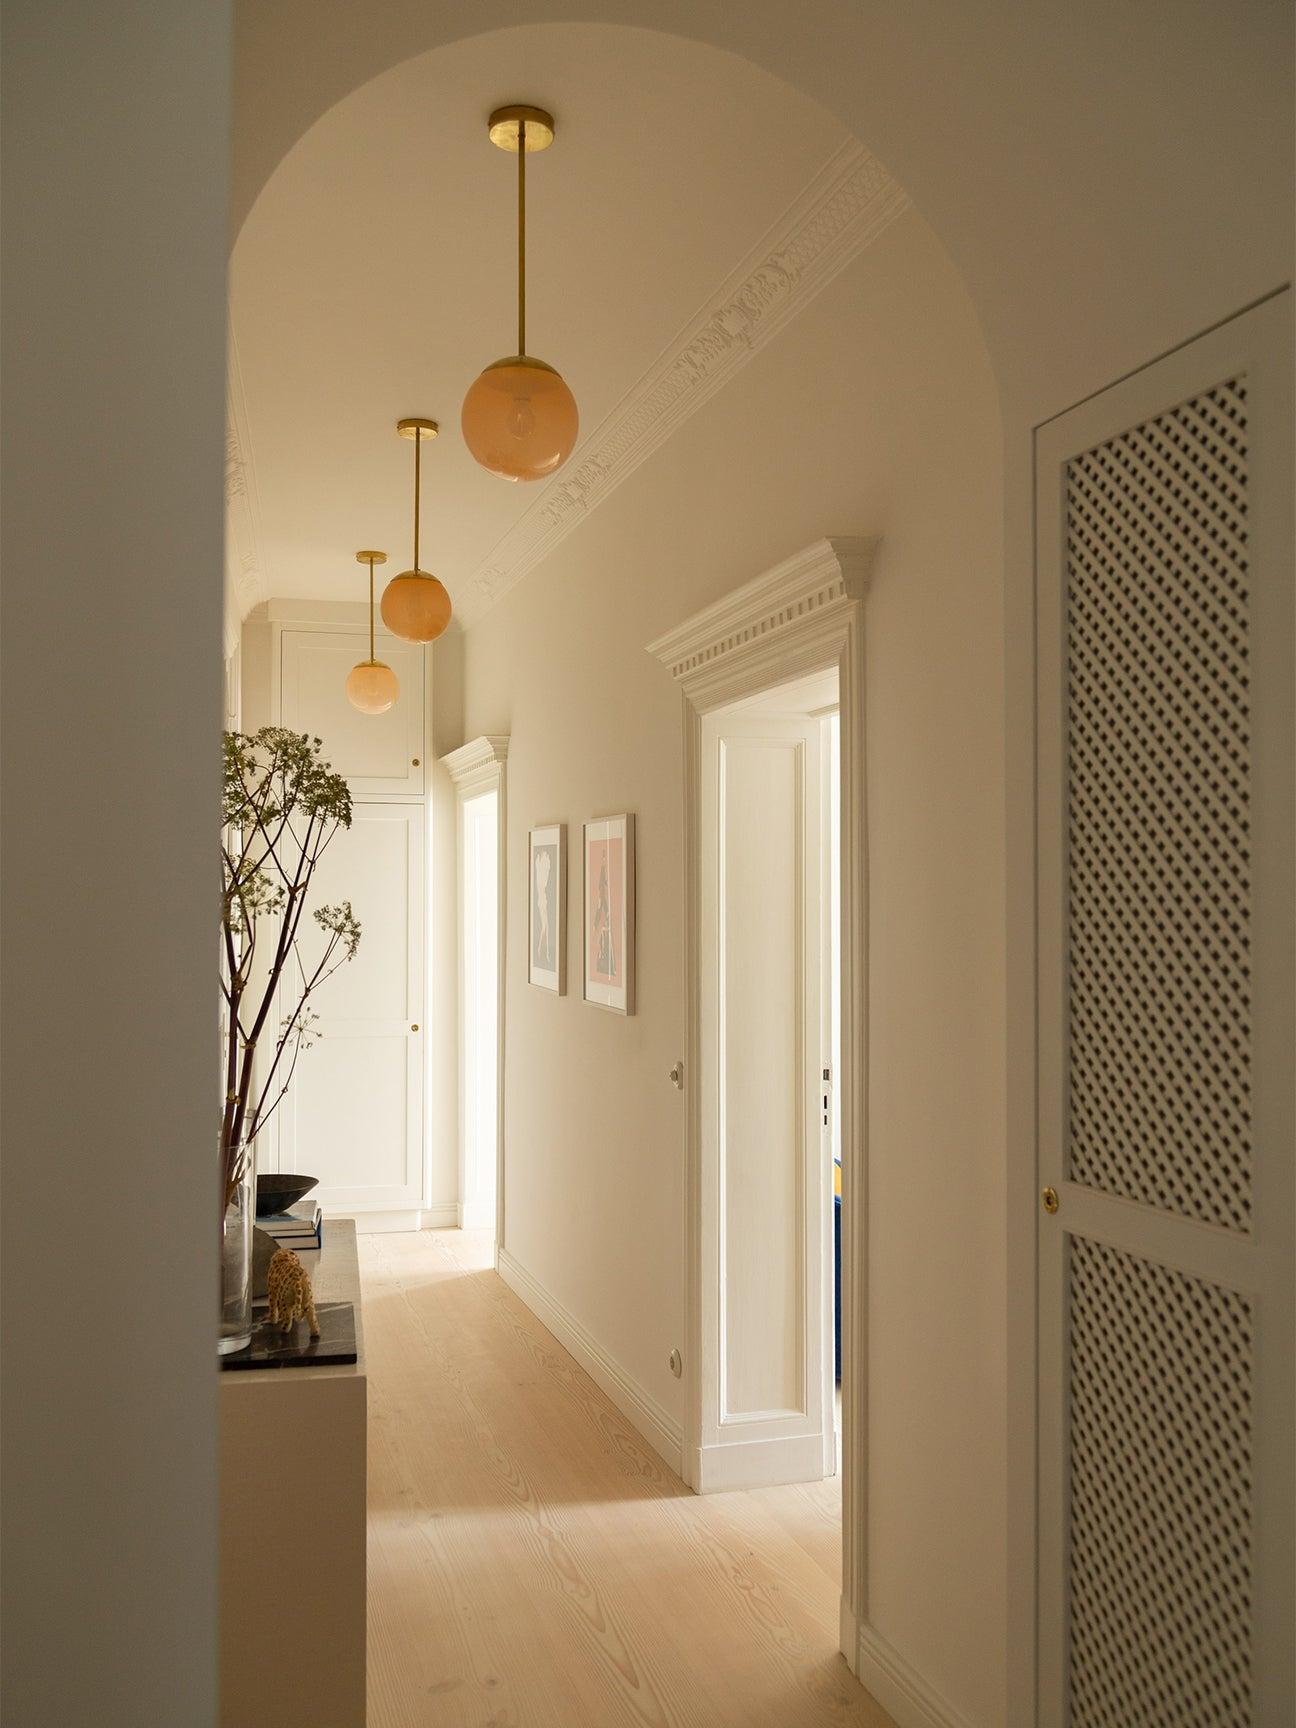 hallway with pink globe pendants